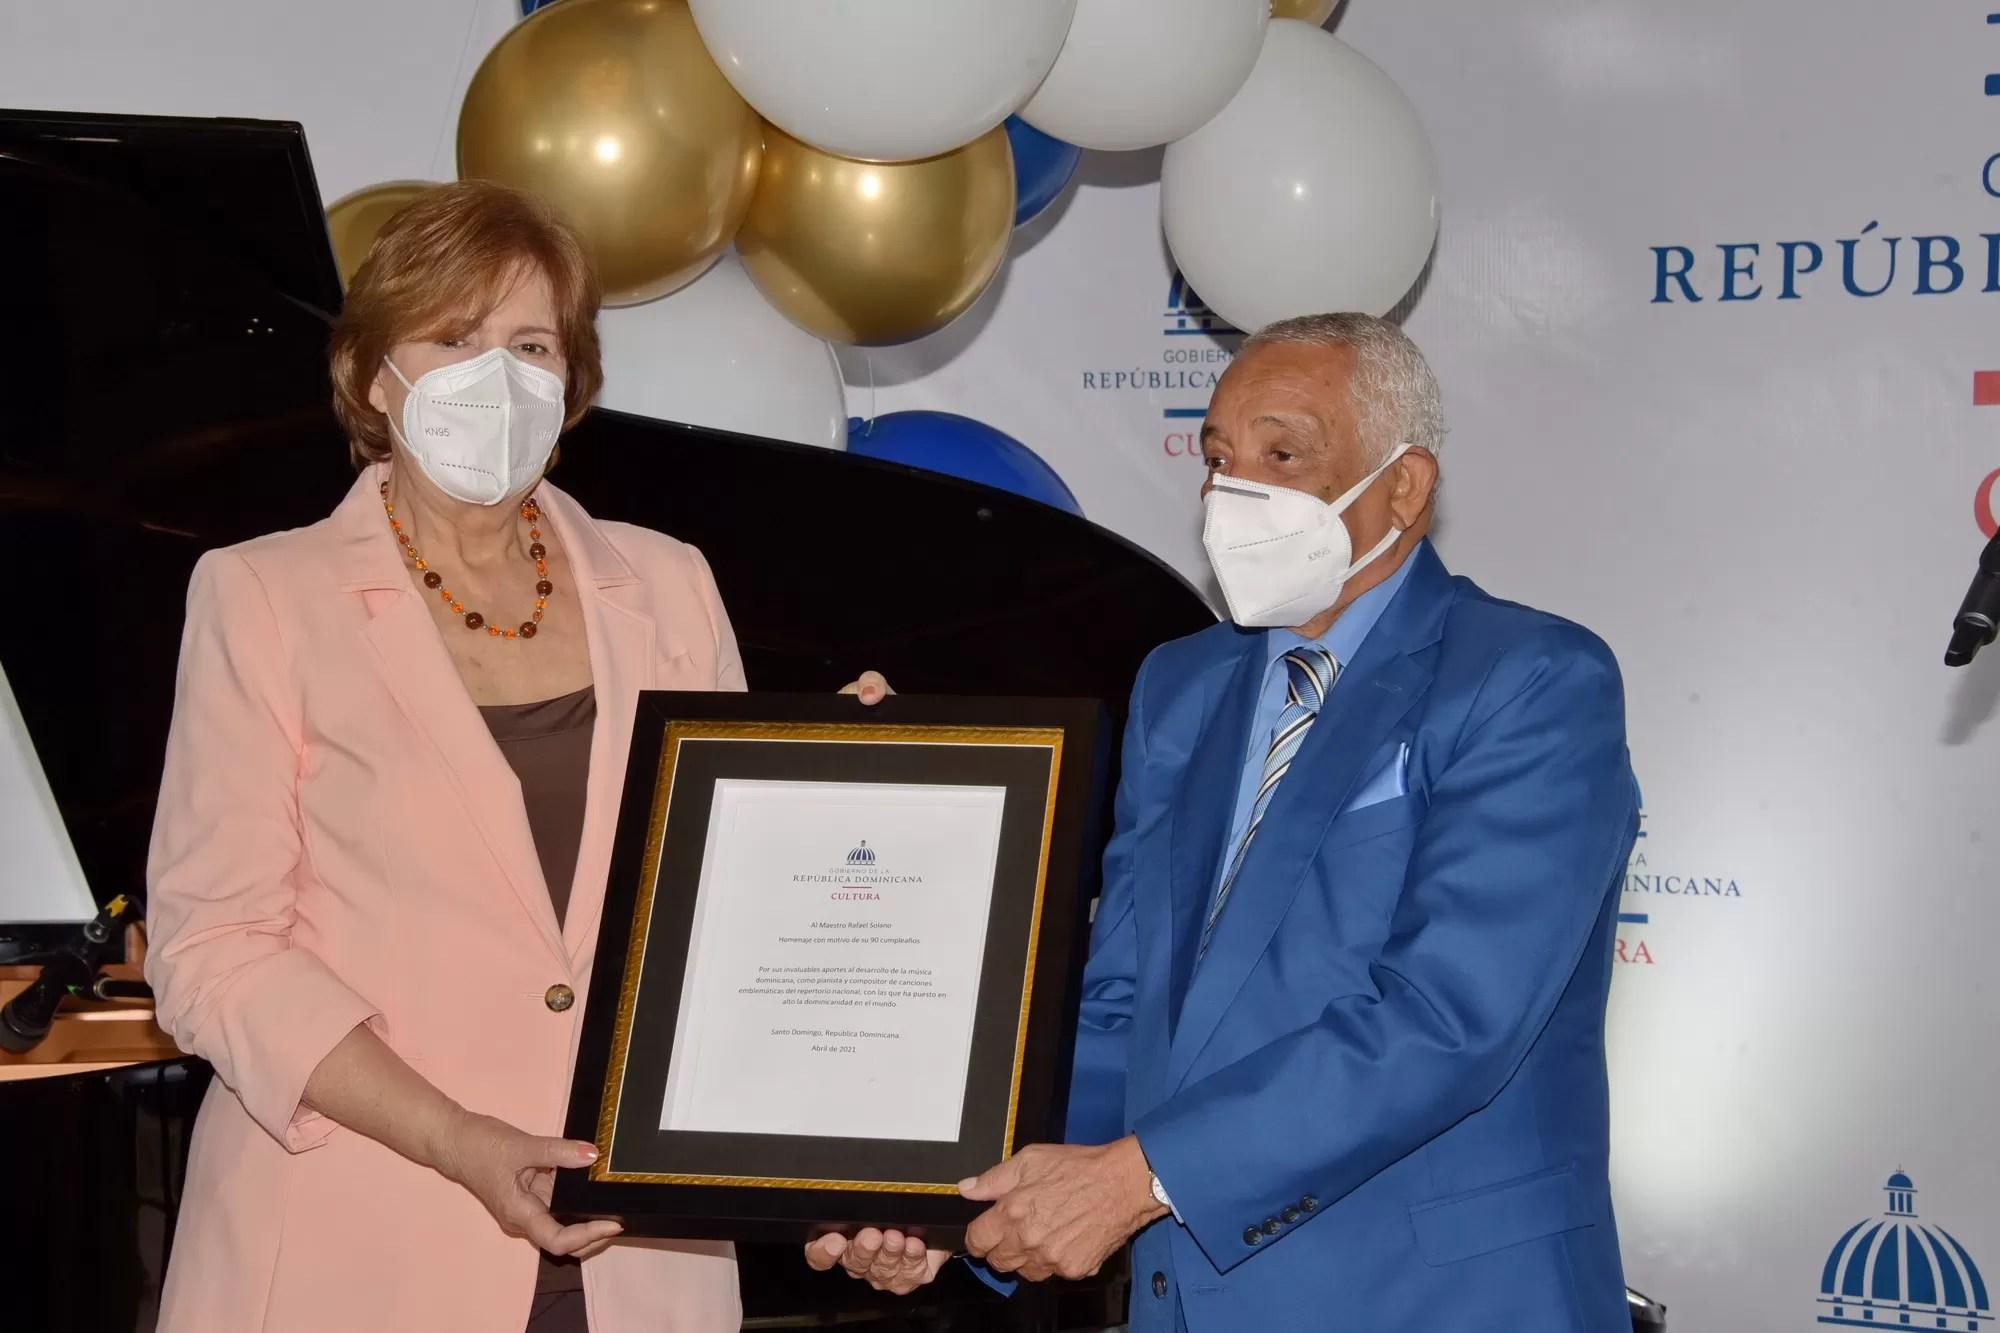 Cultura rindió tributo a la trayectoria de Rafael Solano con motivo de su 90  cumpleaños - Ensegundos.do